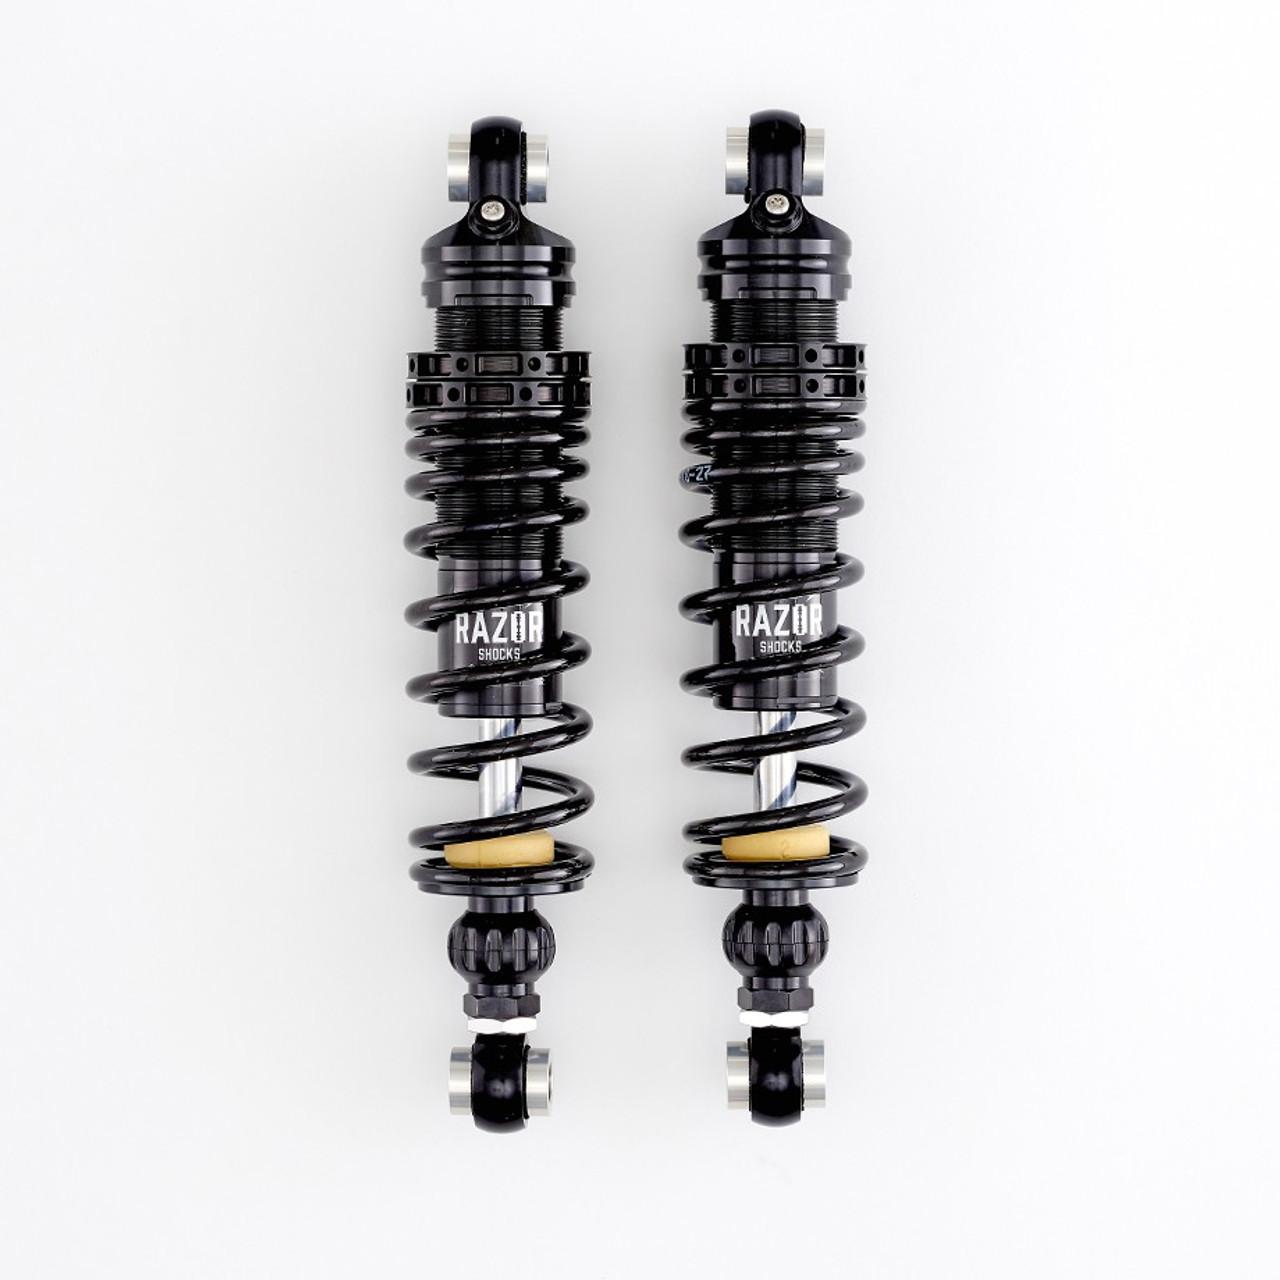 K-Tech Razor Lite III Emulsion Triumph Bonneville 16-17 Street Twin, T100, T120 345mm +10mm 283B-250-345-STW